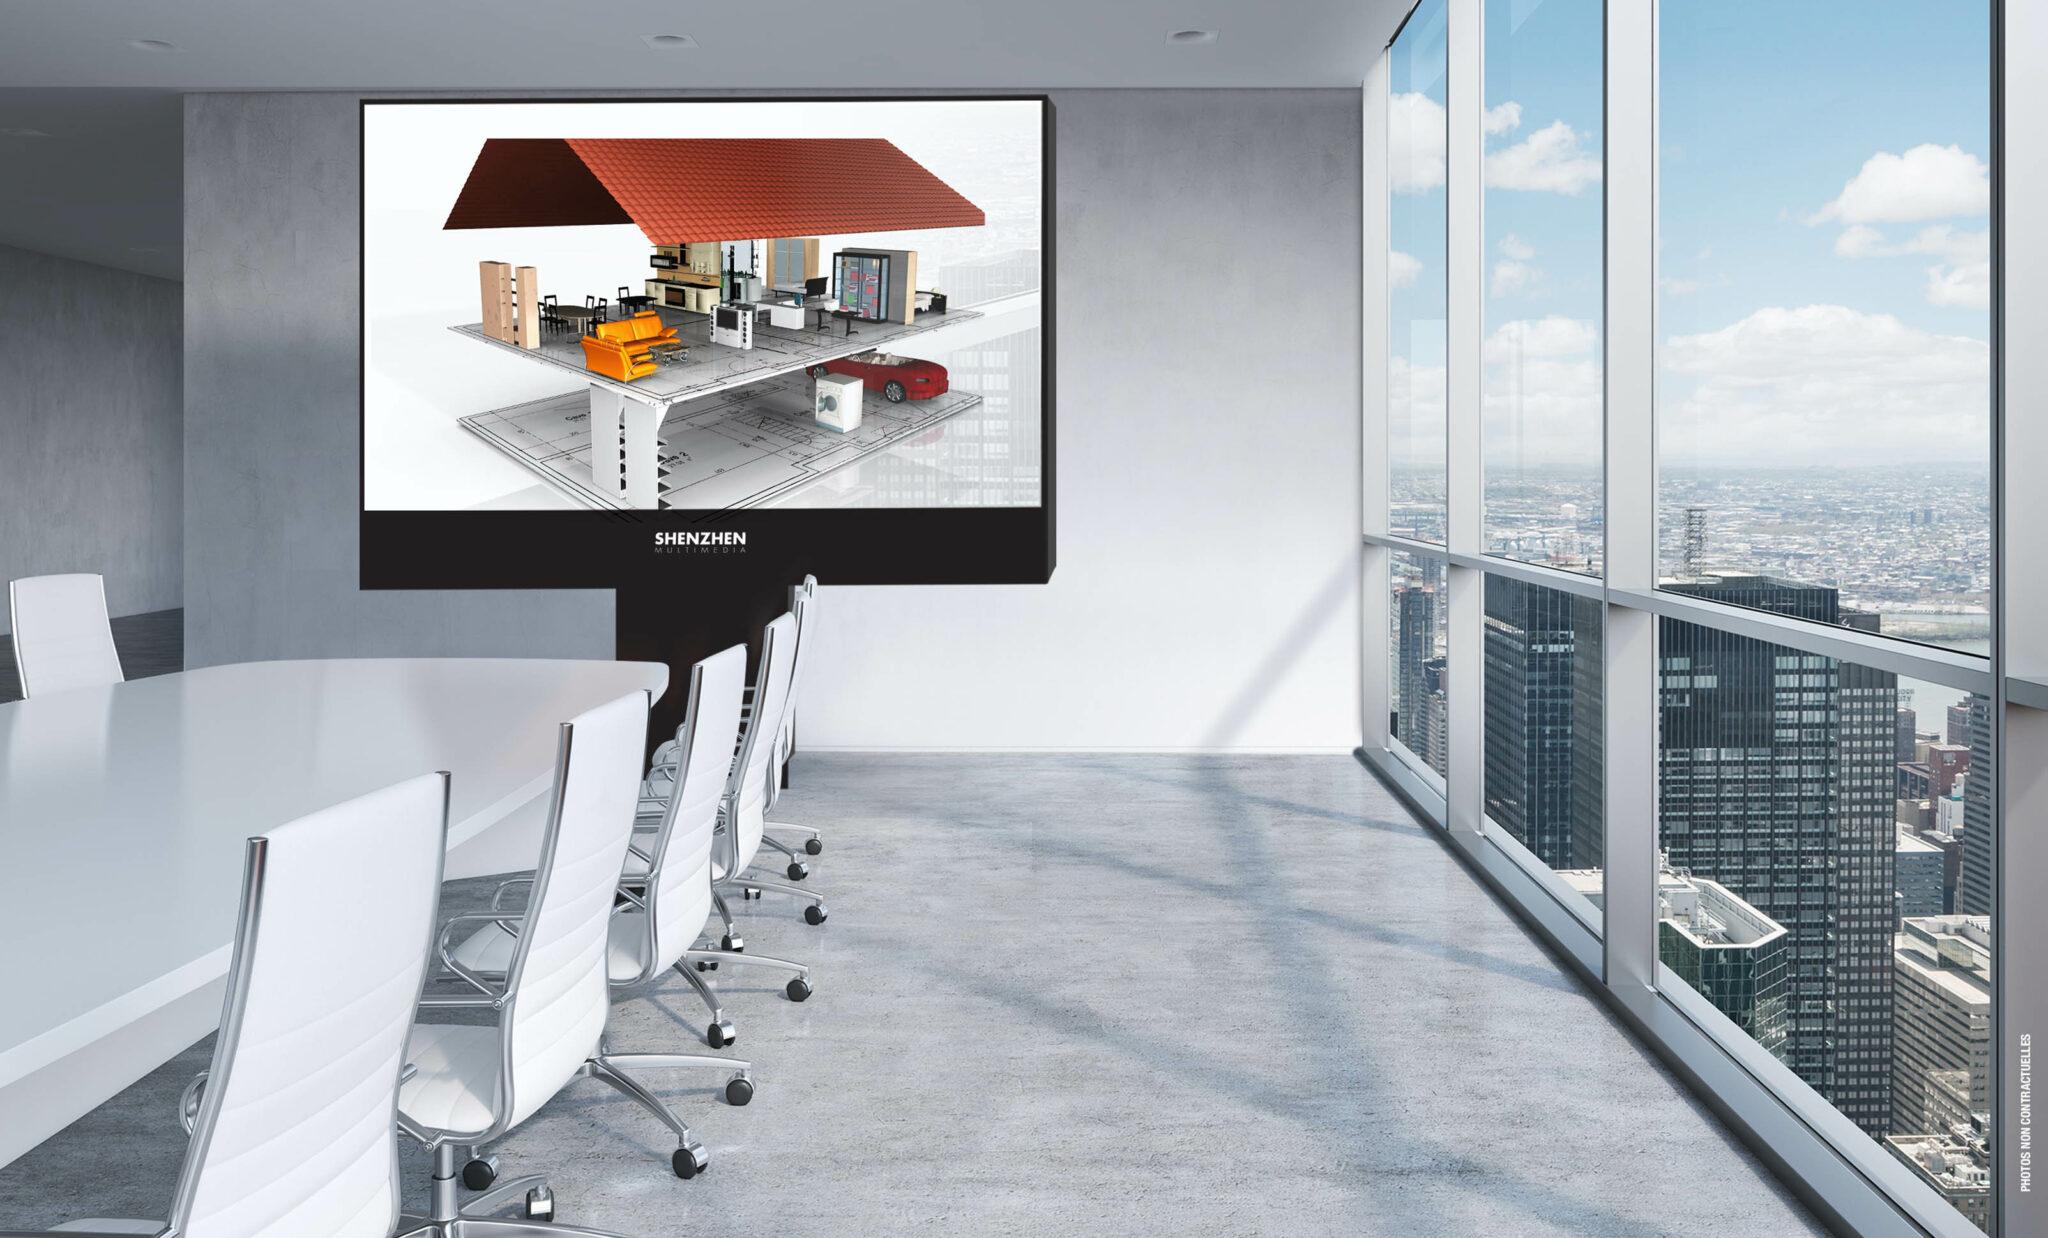 L'écran d'affichage digital LED SMD SH 03 est utile pour les réunions et les meeting de part sa surprenante qualité de définition.